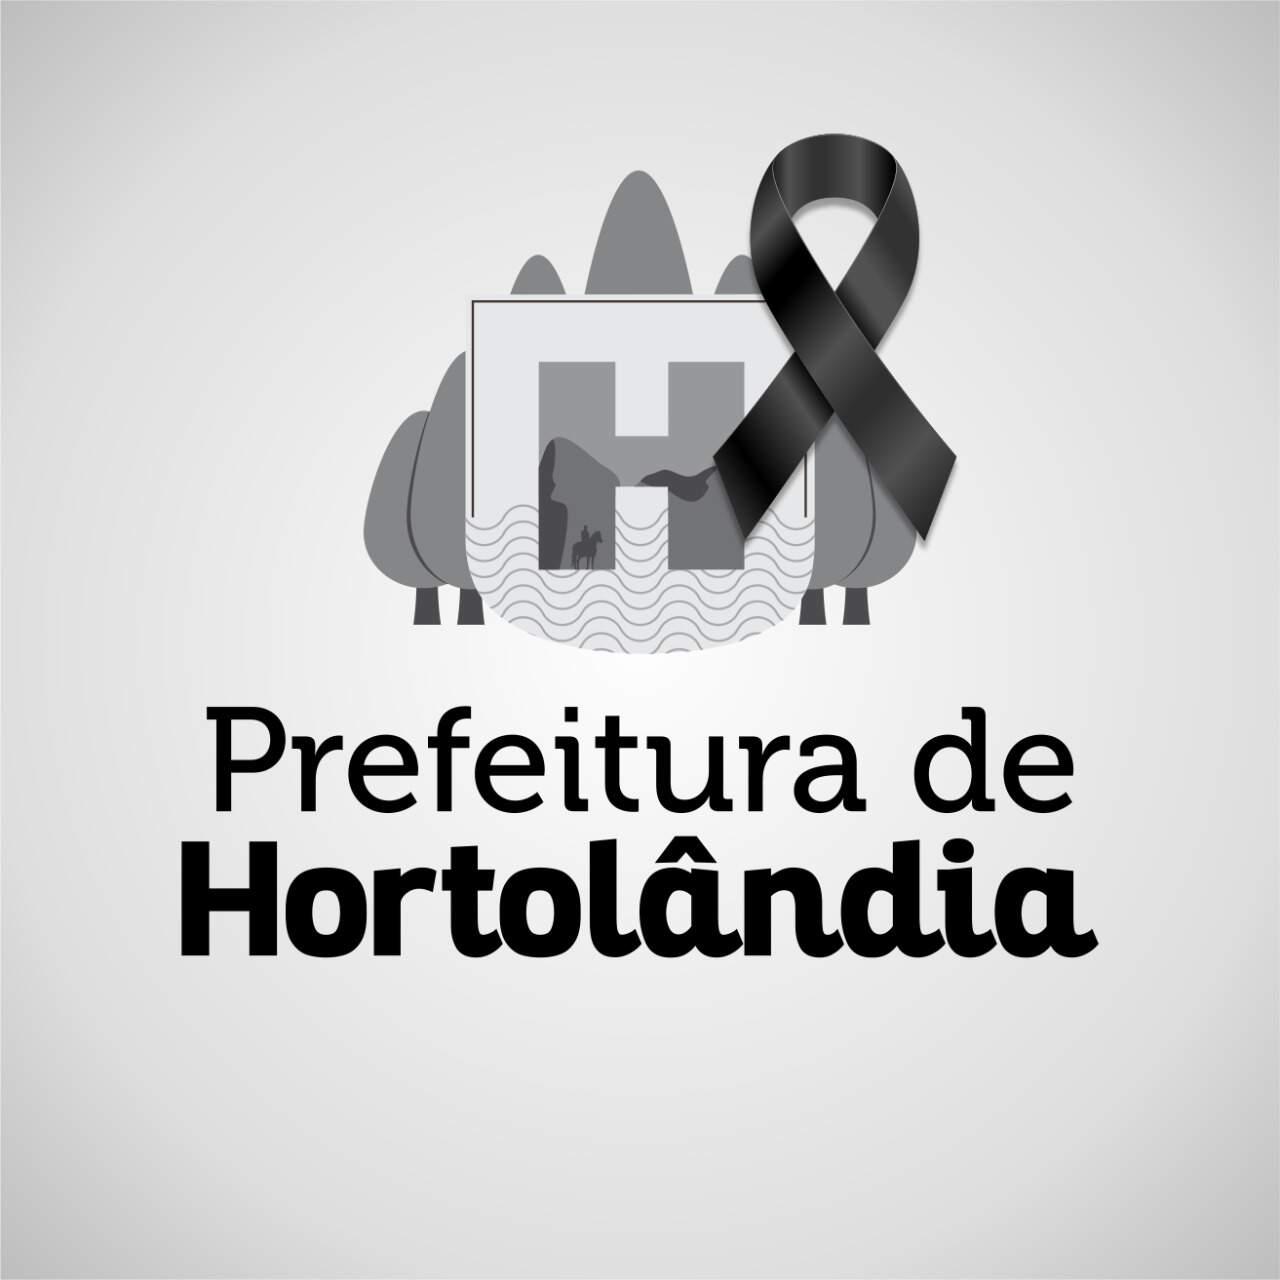 Prefeitura de Hortolândia decreta luto de sete dias após morte de Perugini